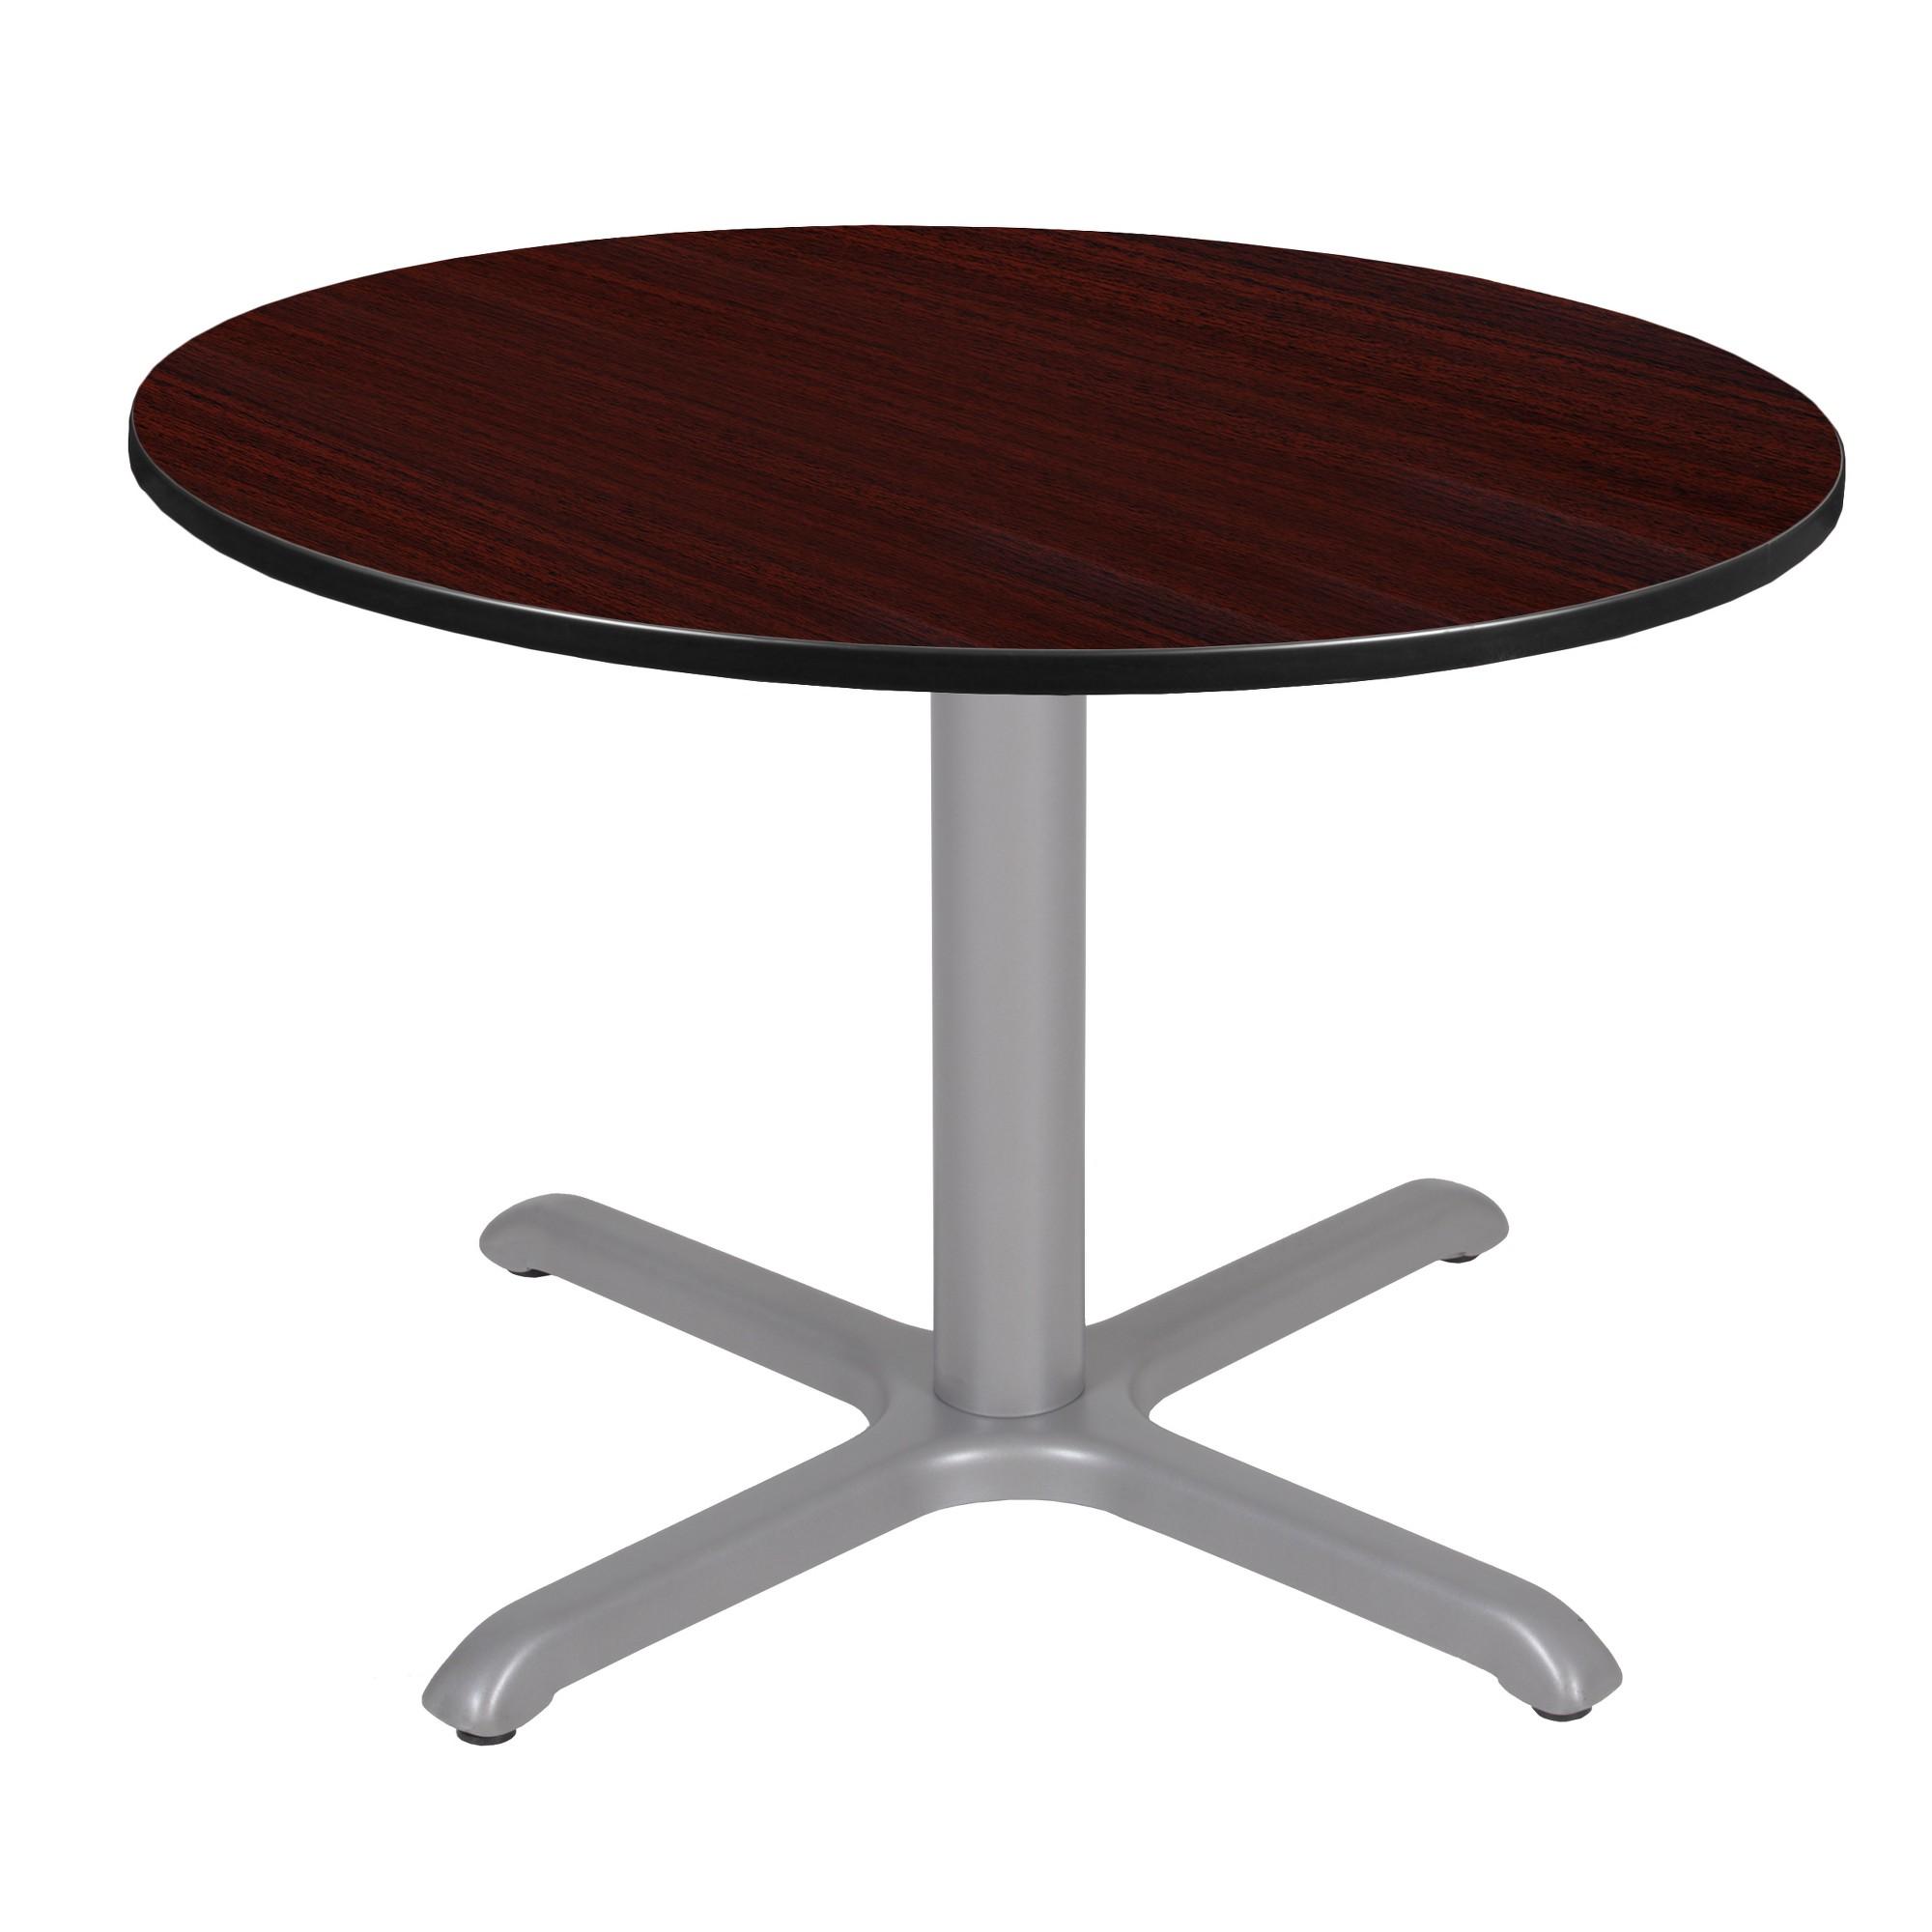 48 Via Round X - Base Table Mahogany/Gray (Brown/Gray) - Regency